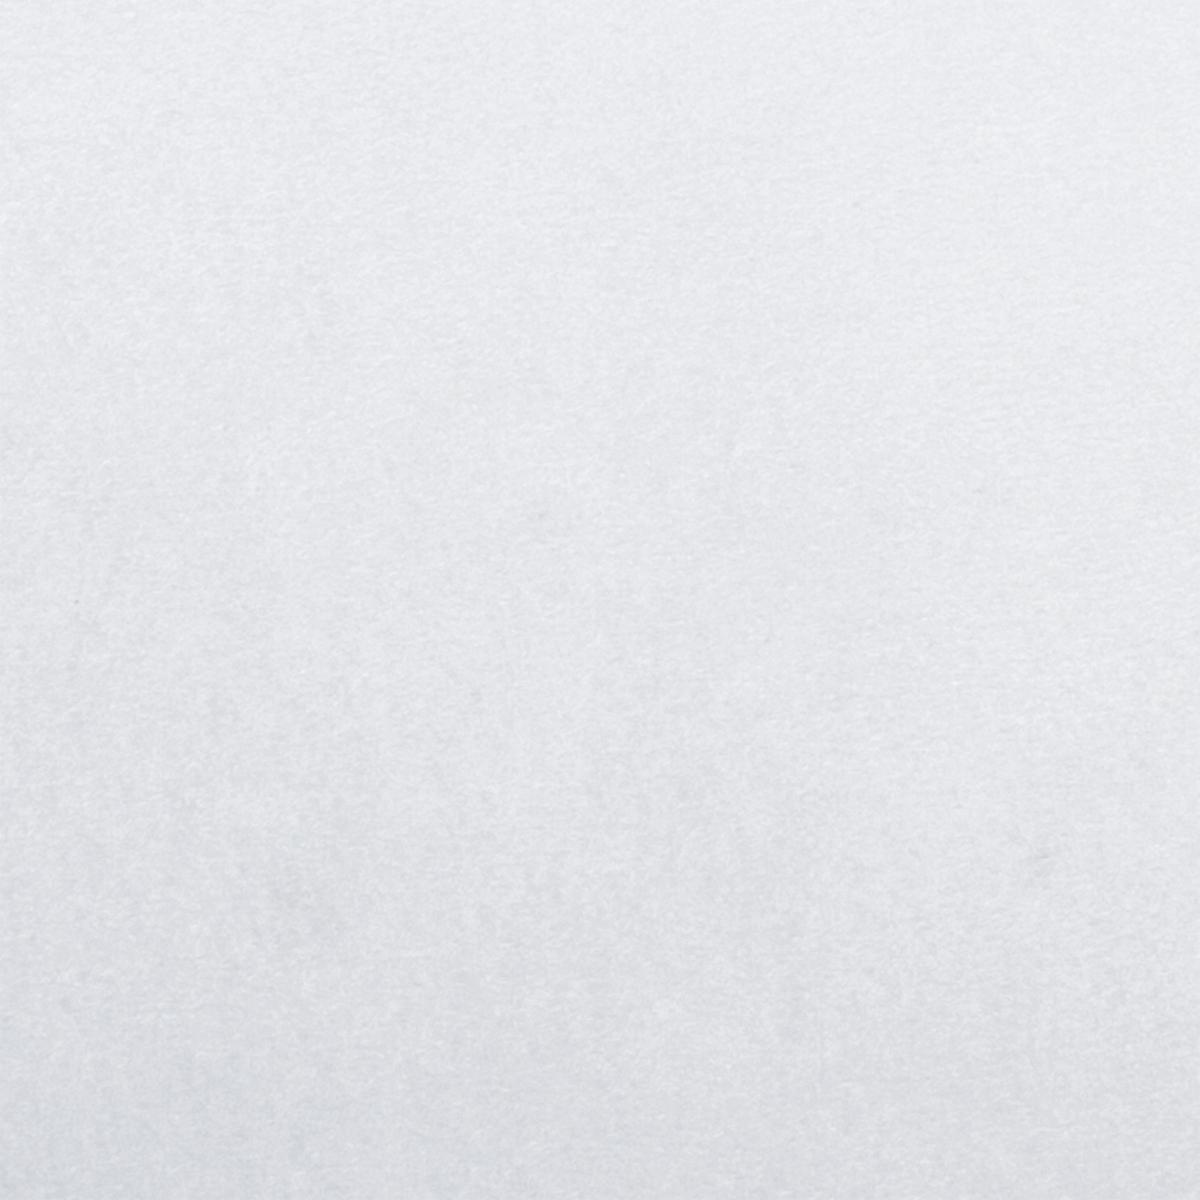 Салфетки Лайма, универсальные, цвет: белый, 20 х 22 см, 70 шт601566Салфетки Лайма в рулоне предназначены для протирки различных поверхностей. Могут использоваться как в сухом, так и во влажном виде. Обладают хорошей впитываемостью за счет высокого содержания вискозы.